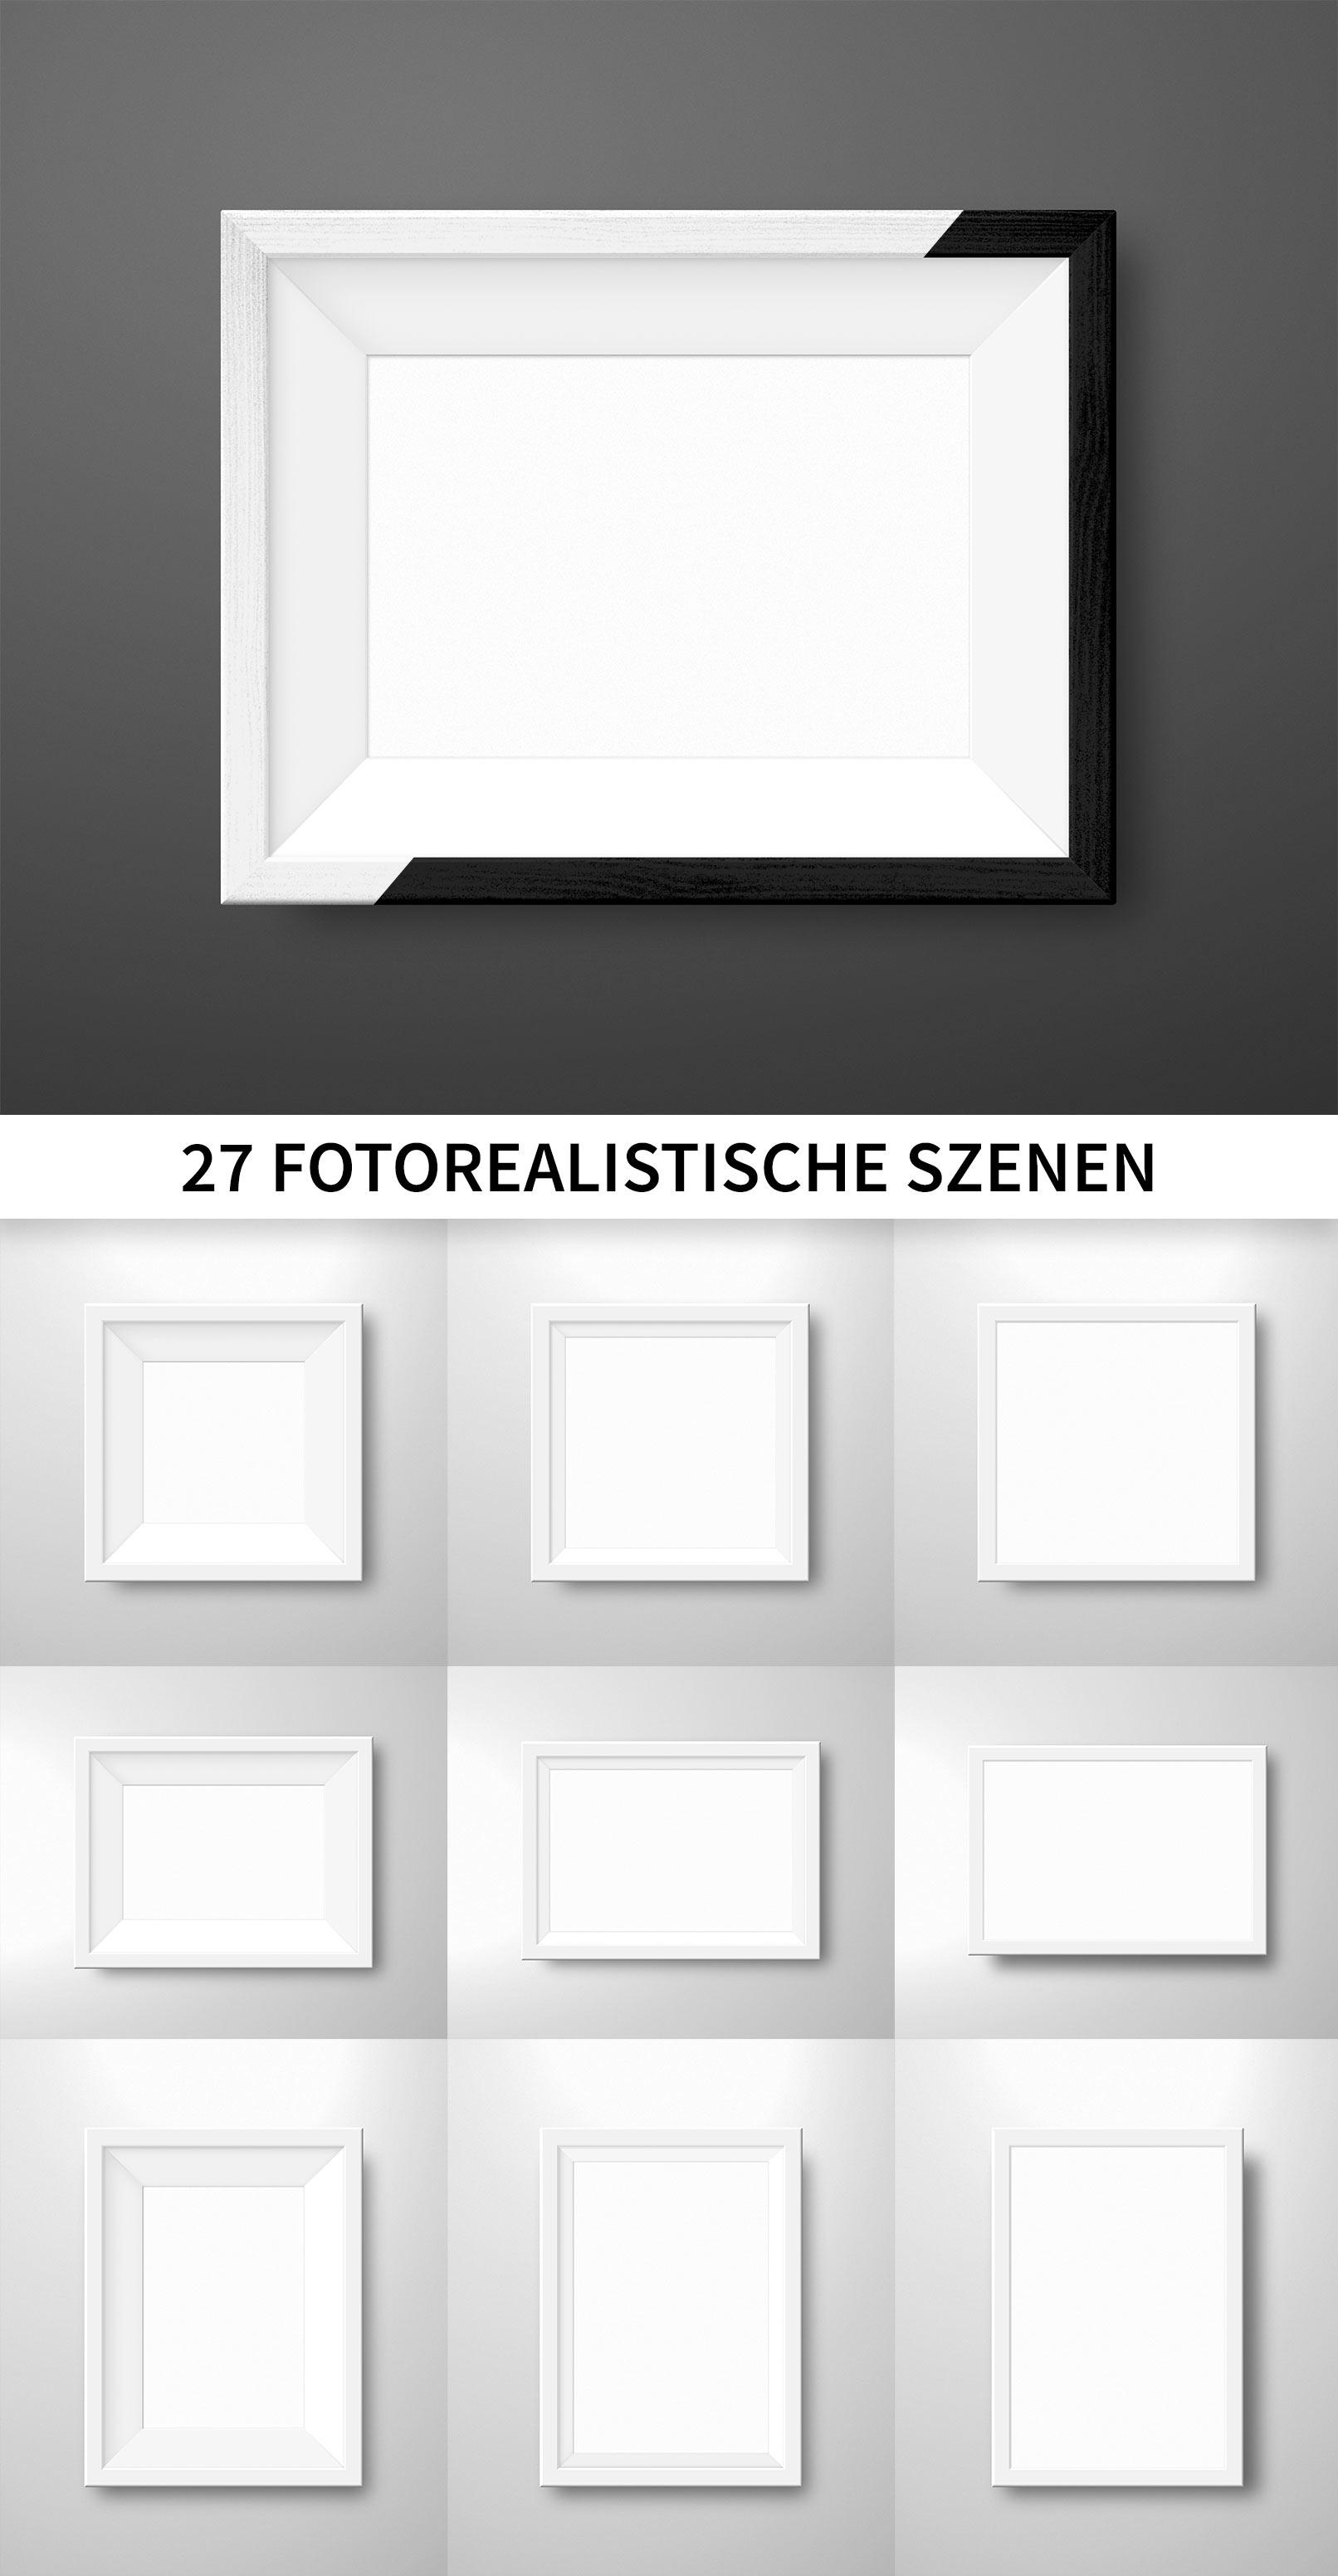 Bilderrahmen in Schwarz und Weiß für Hochformat, Querformat und Quadratformat, die in den Mockups zur Verfügung stehen